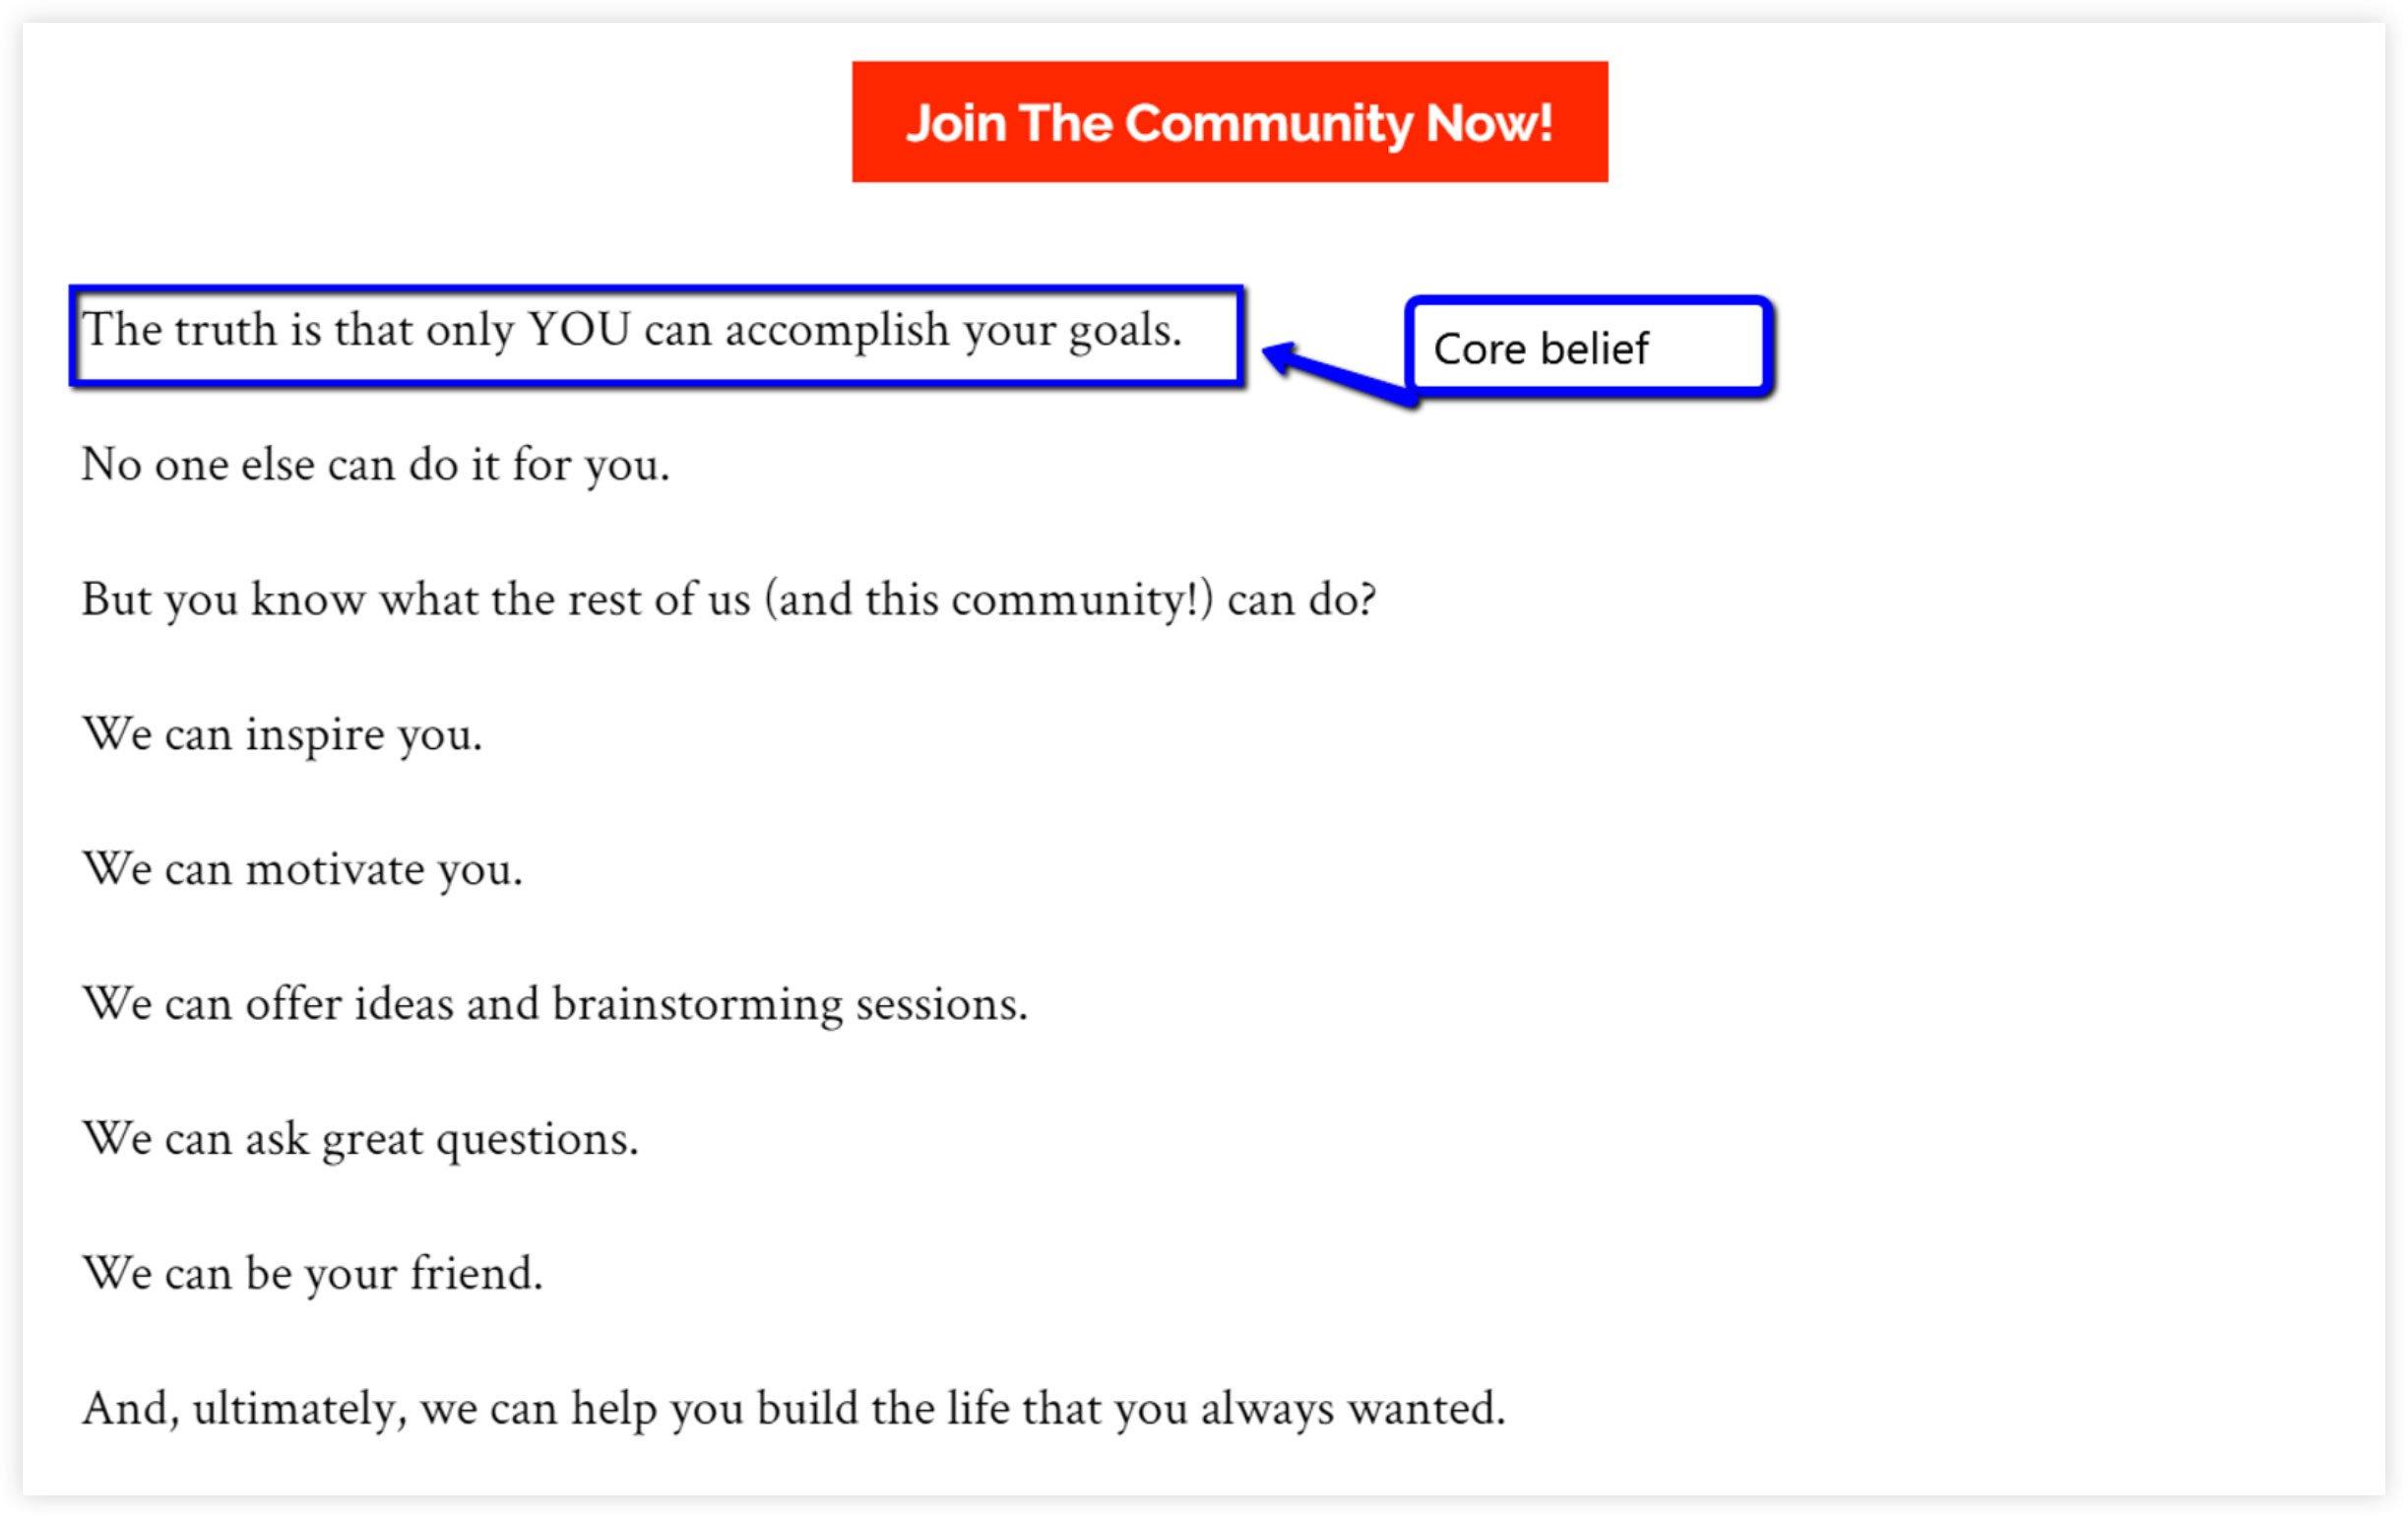 Example of Effective Website Copy